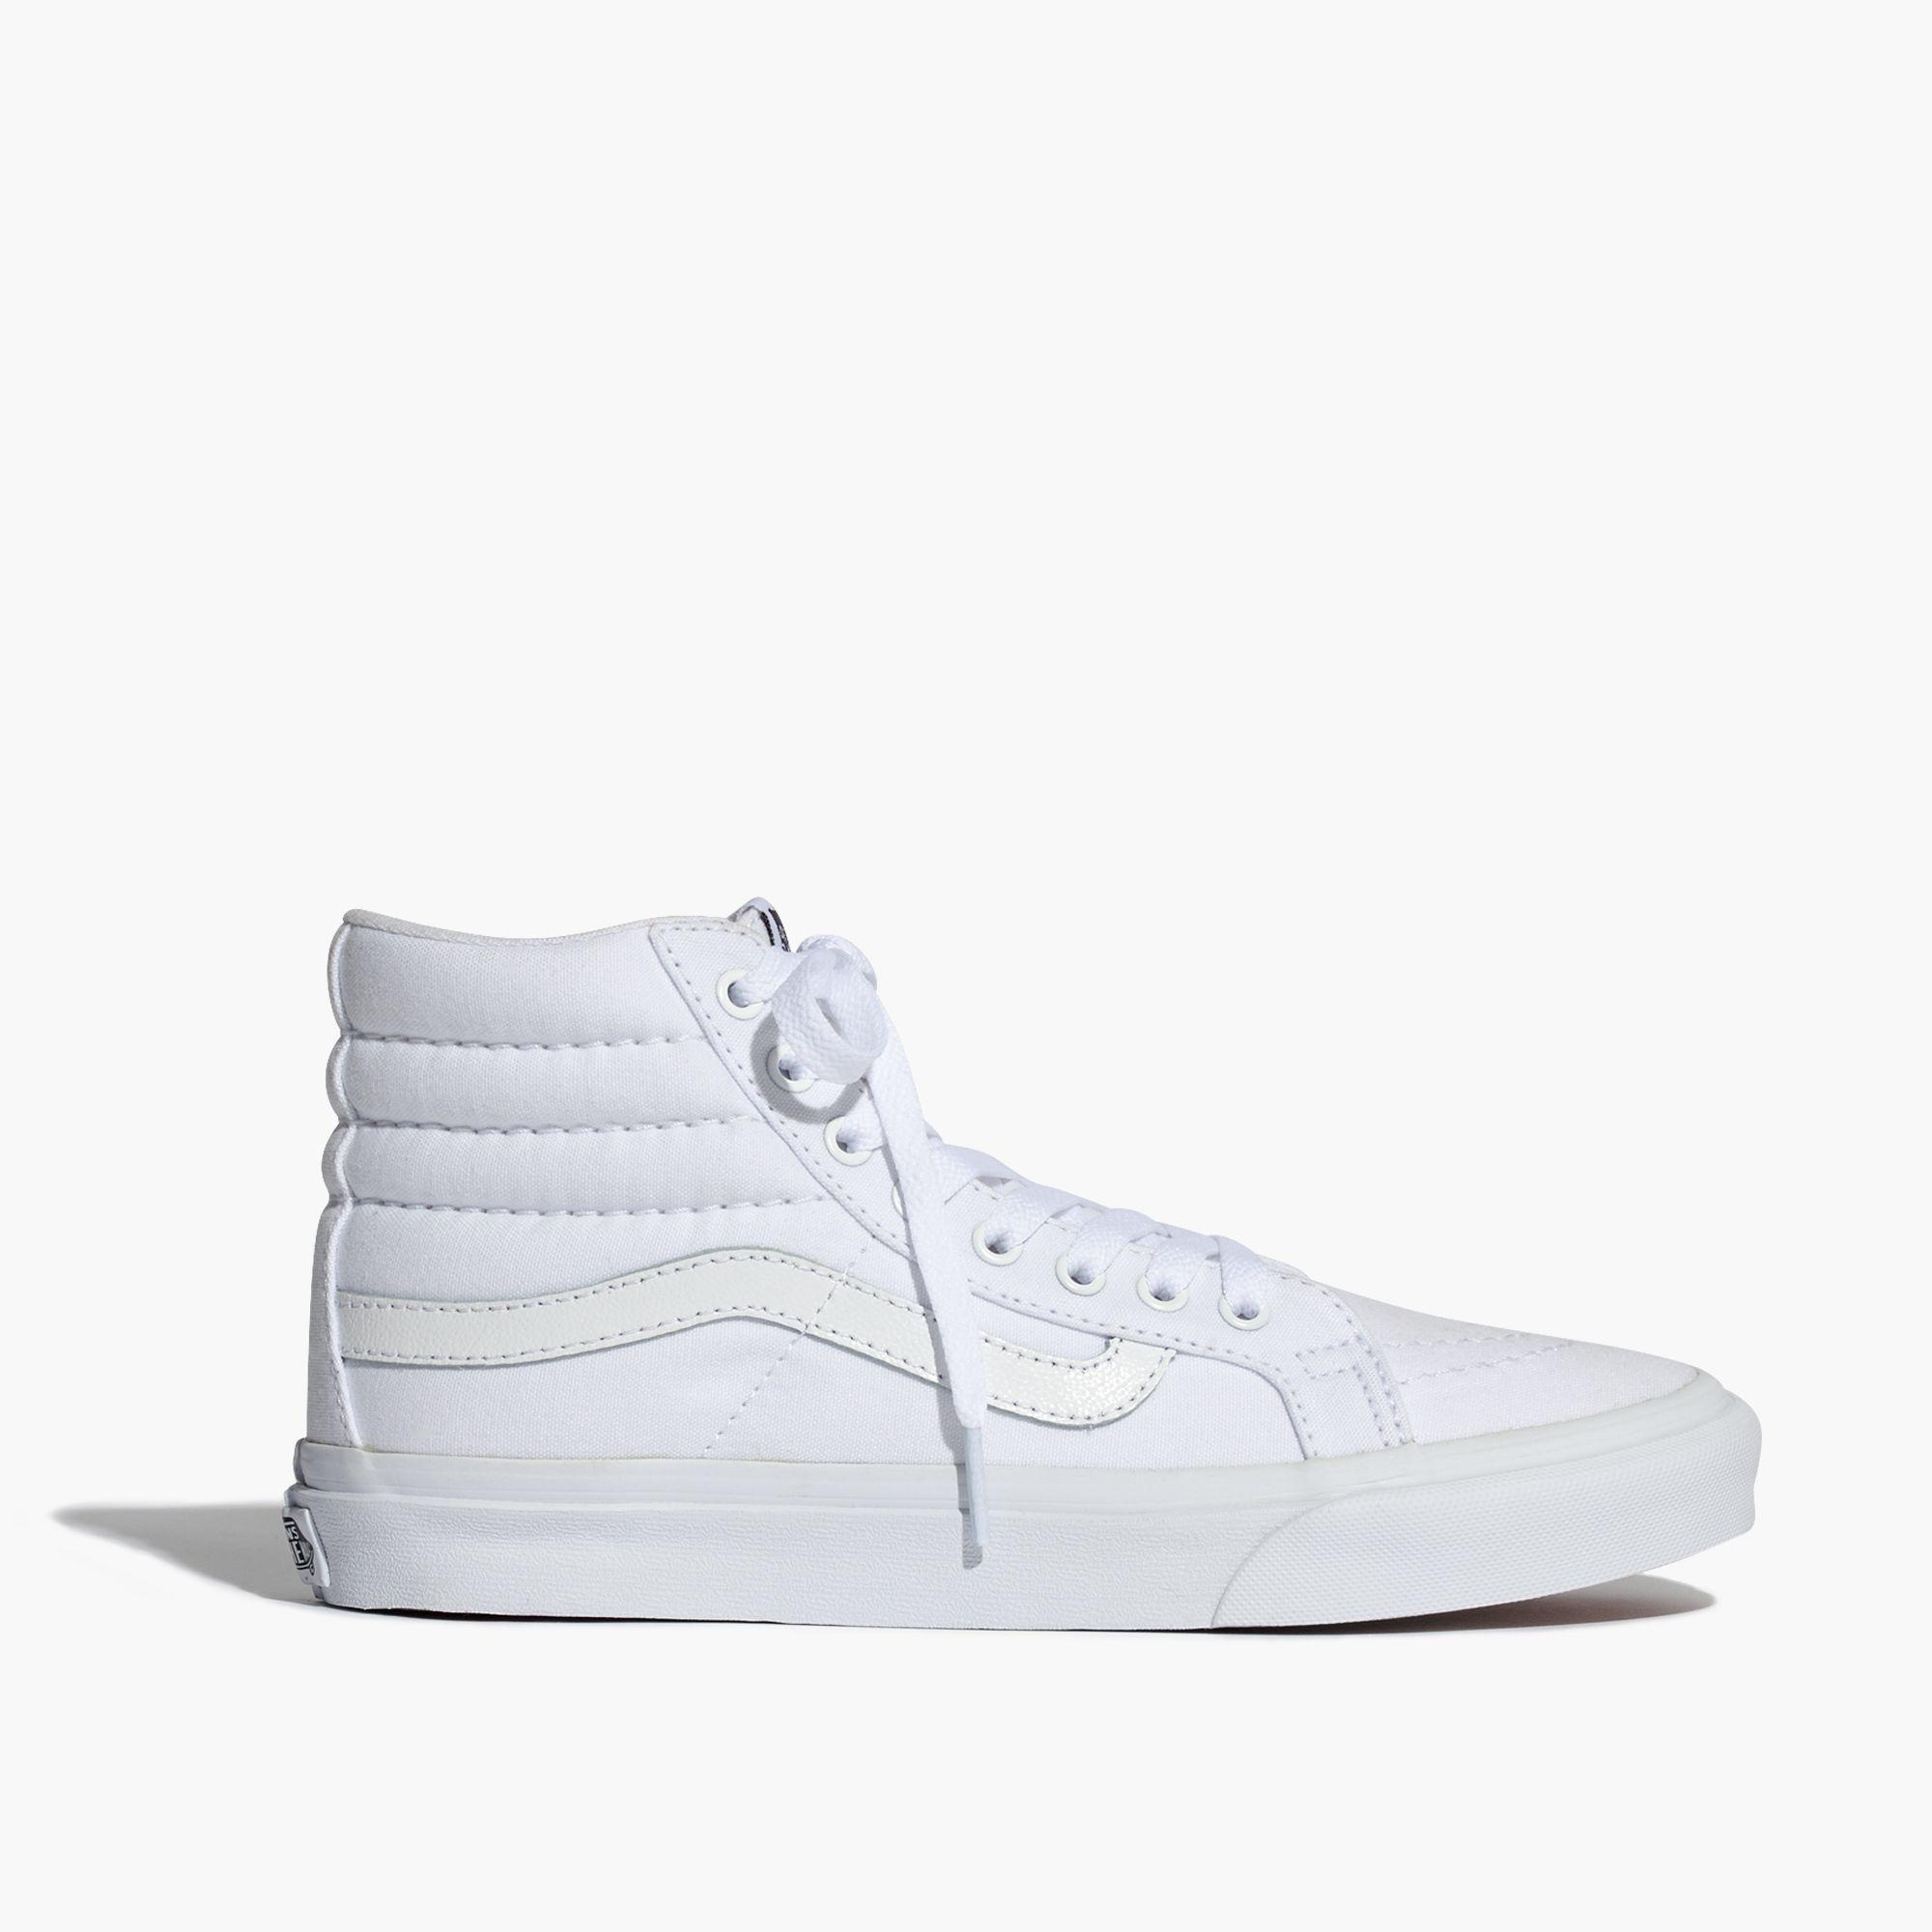 1be730673c263 Lyst - Madewell Vans® Sk8-hi Slim High-top Sneakers In Canvas in White